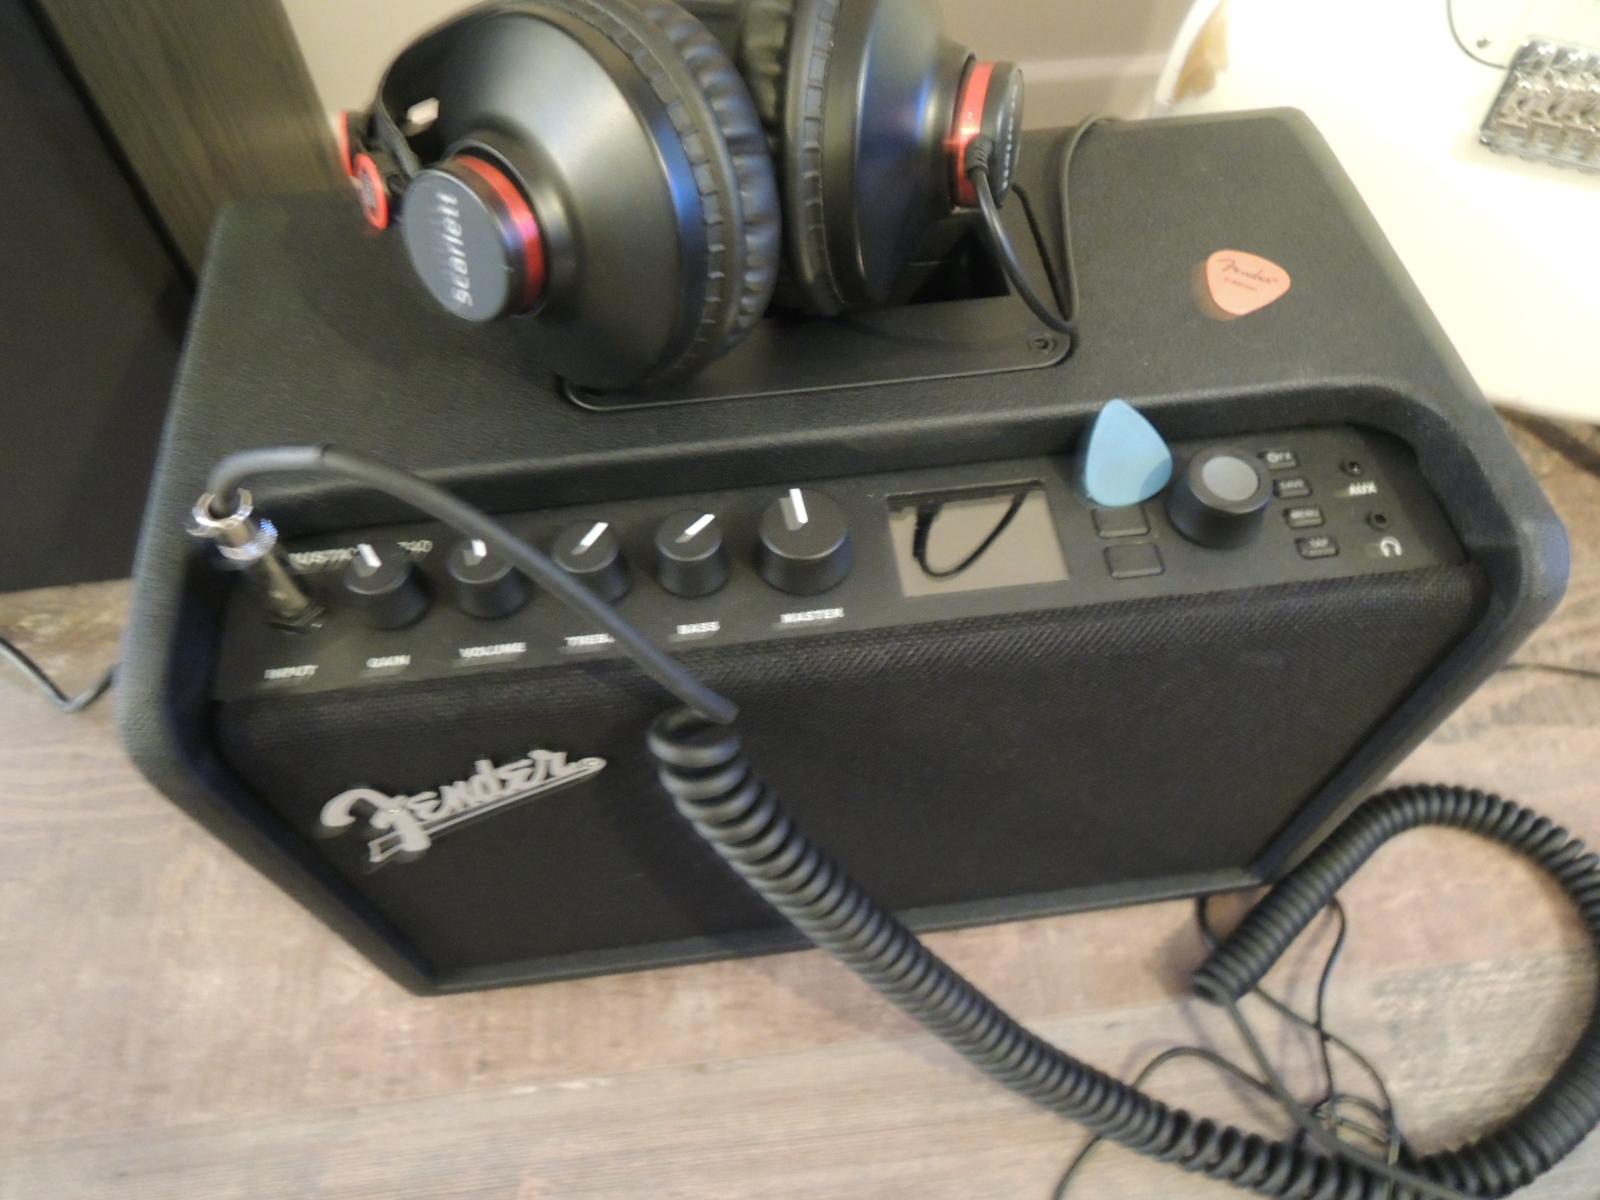 Fender Mustang GT40 image (#2130573) - Audiofanzine